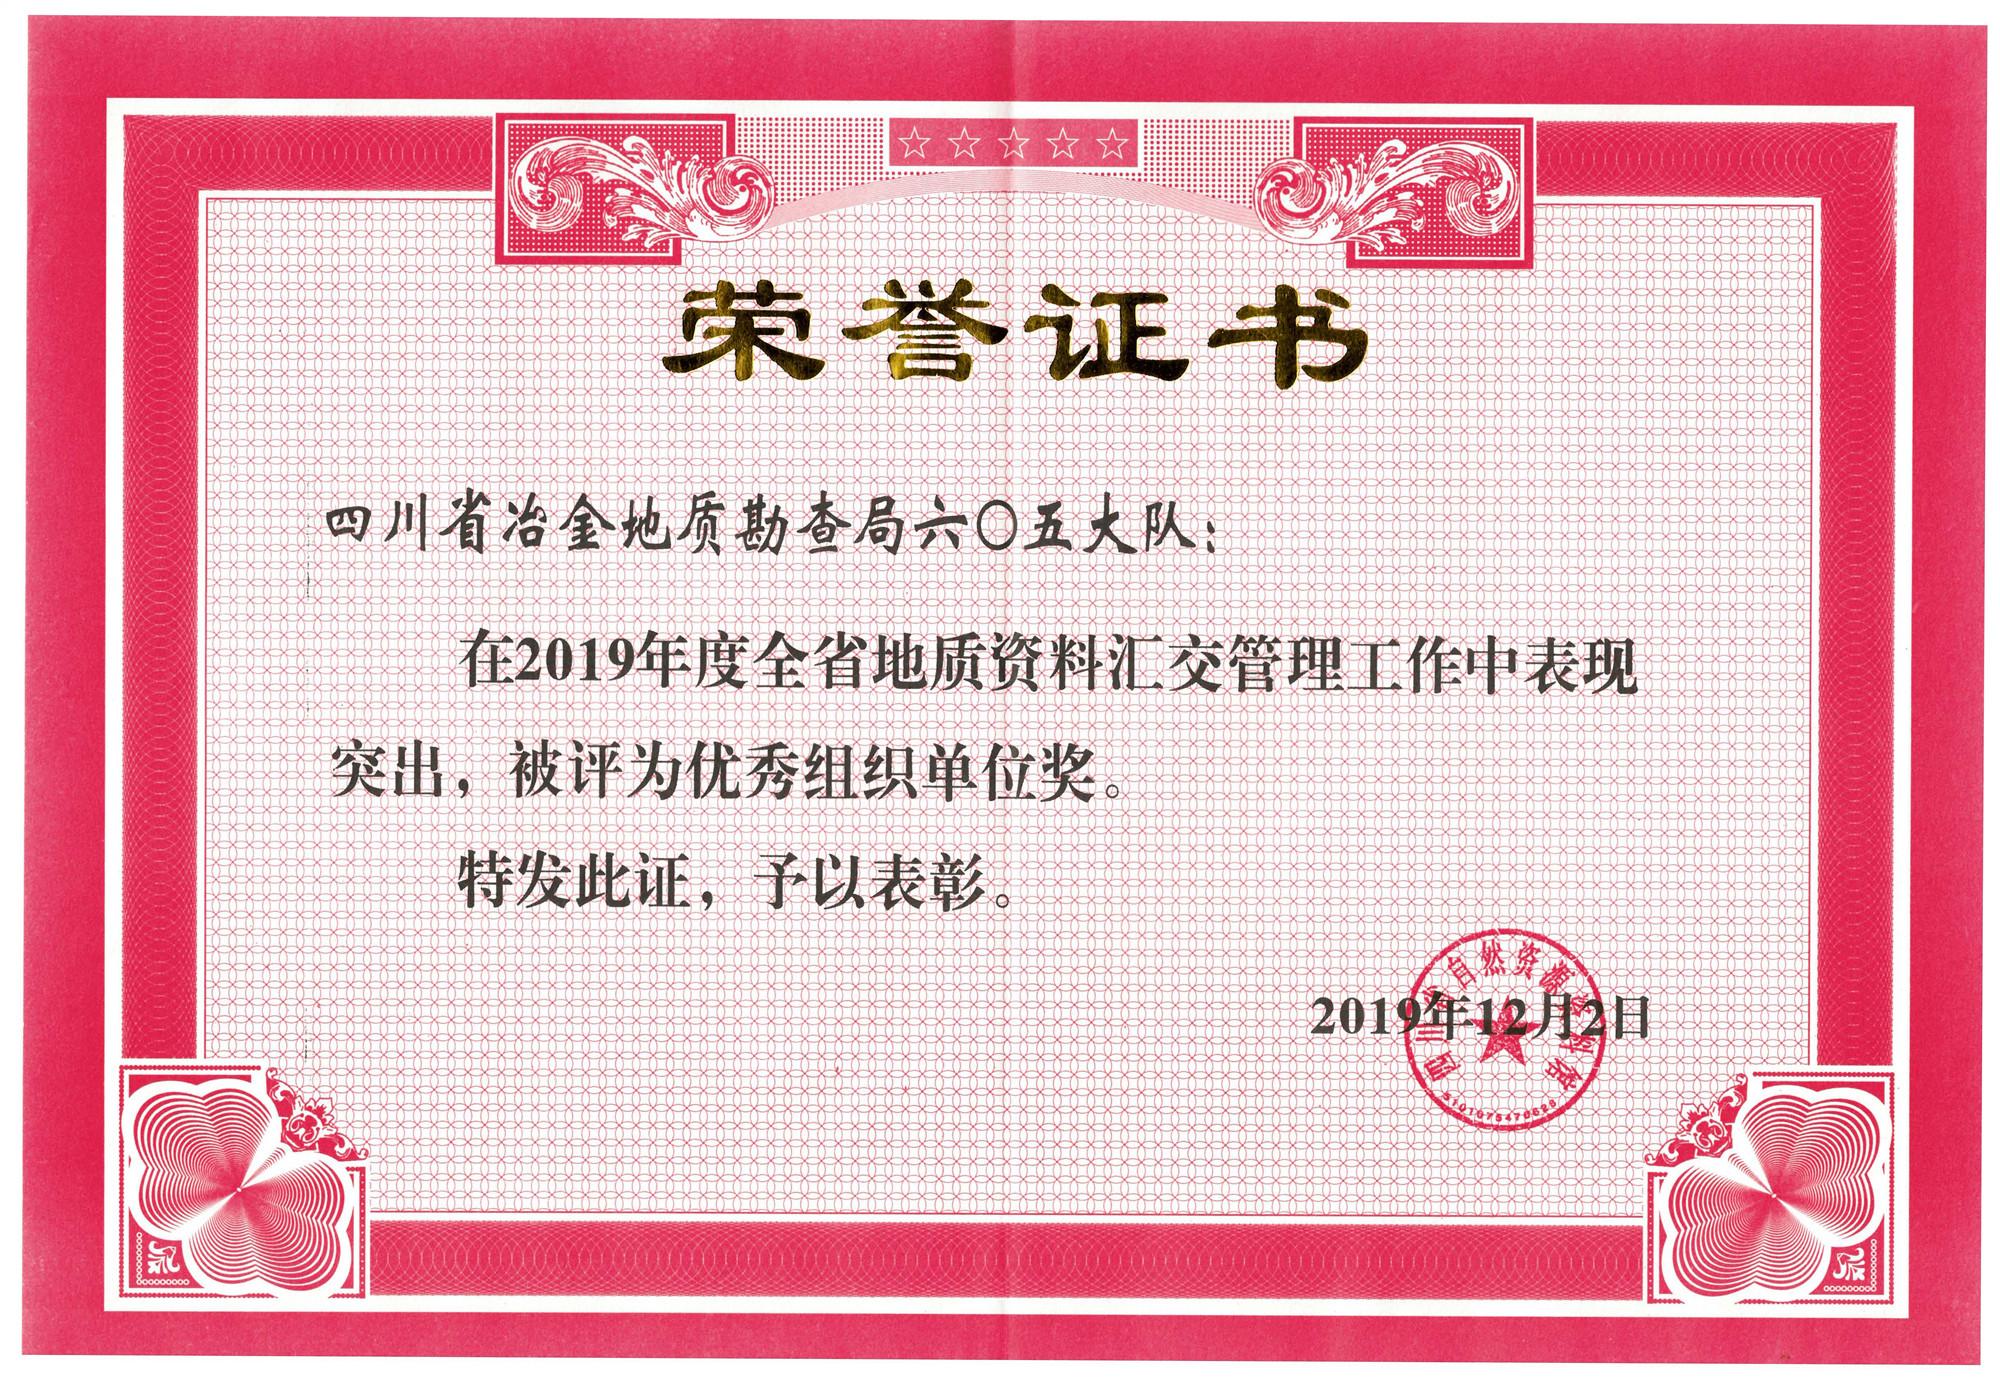 2019年四川地质资料汇交优秀组织单位奖